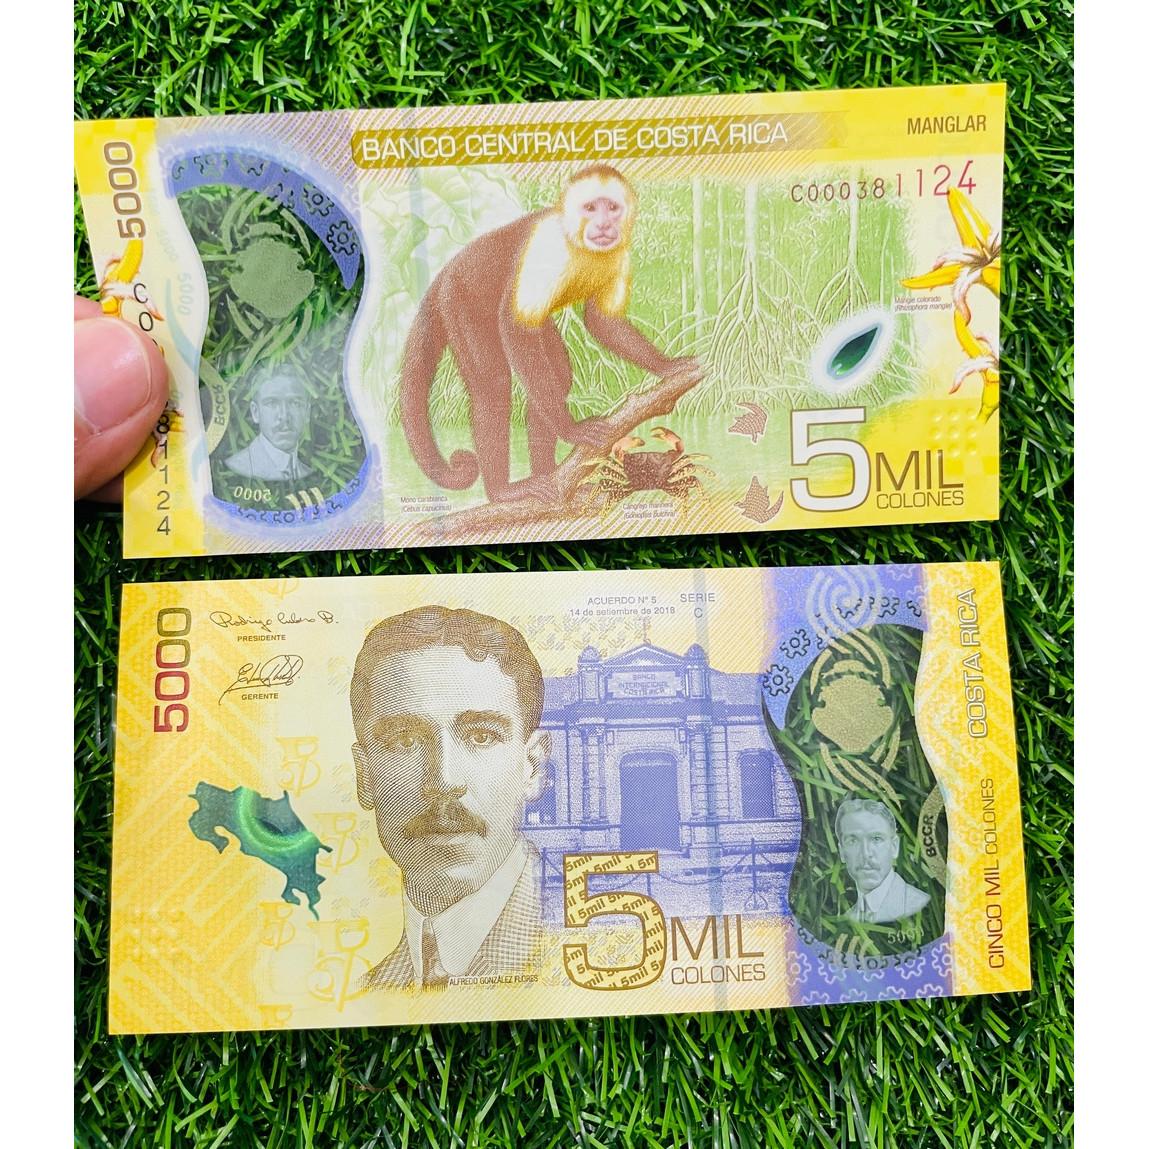 Tiền Costa Rica 5000 Colones hình con khỉ [SƯU TẦM TIỀN CHÂU MỸ] bằng polyme, mới 100% UNC, tặng túi nilon bảo quản